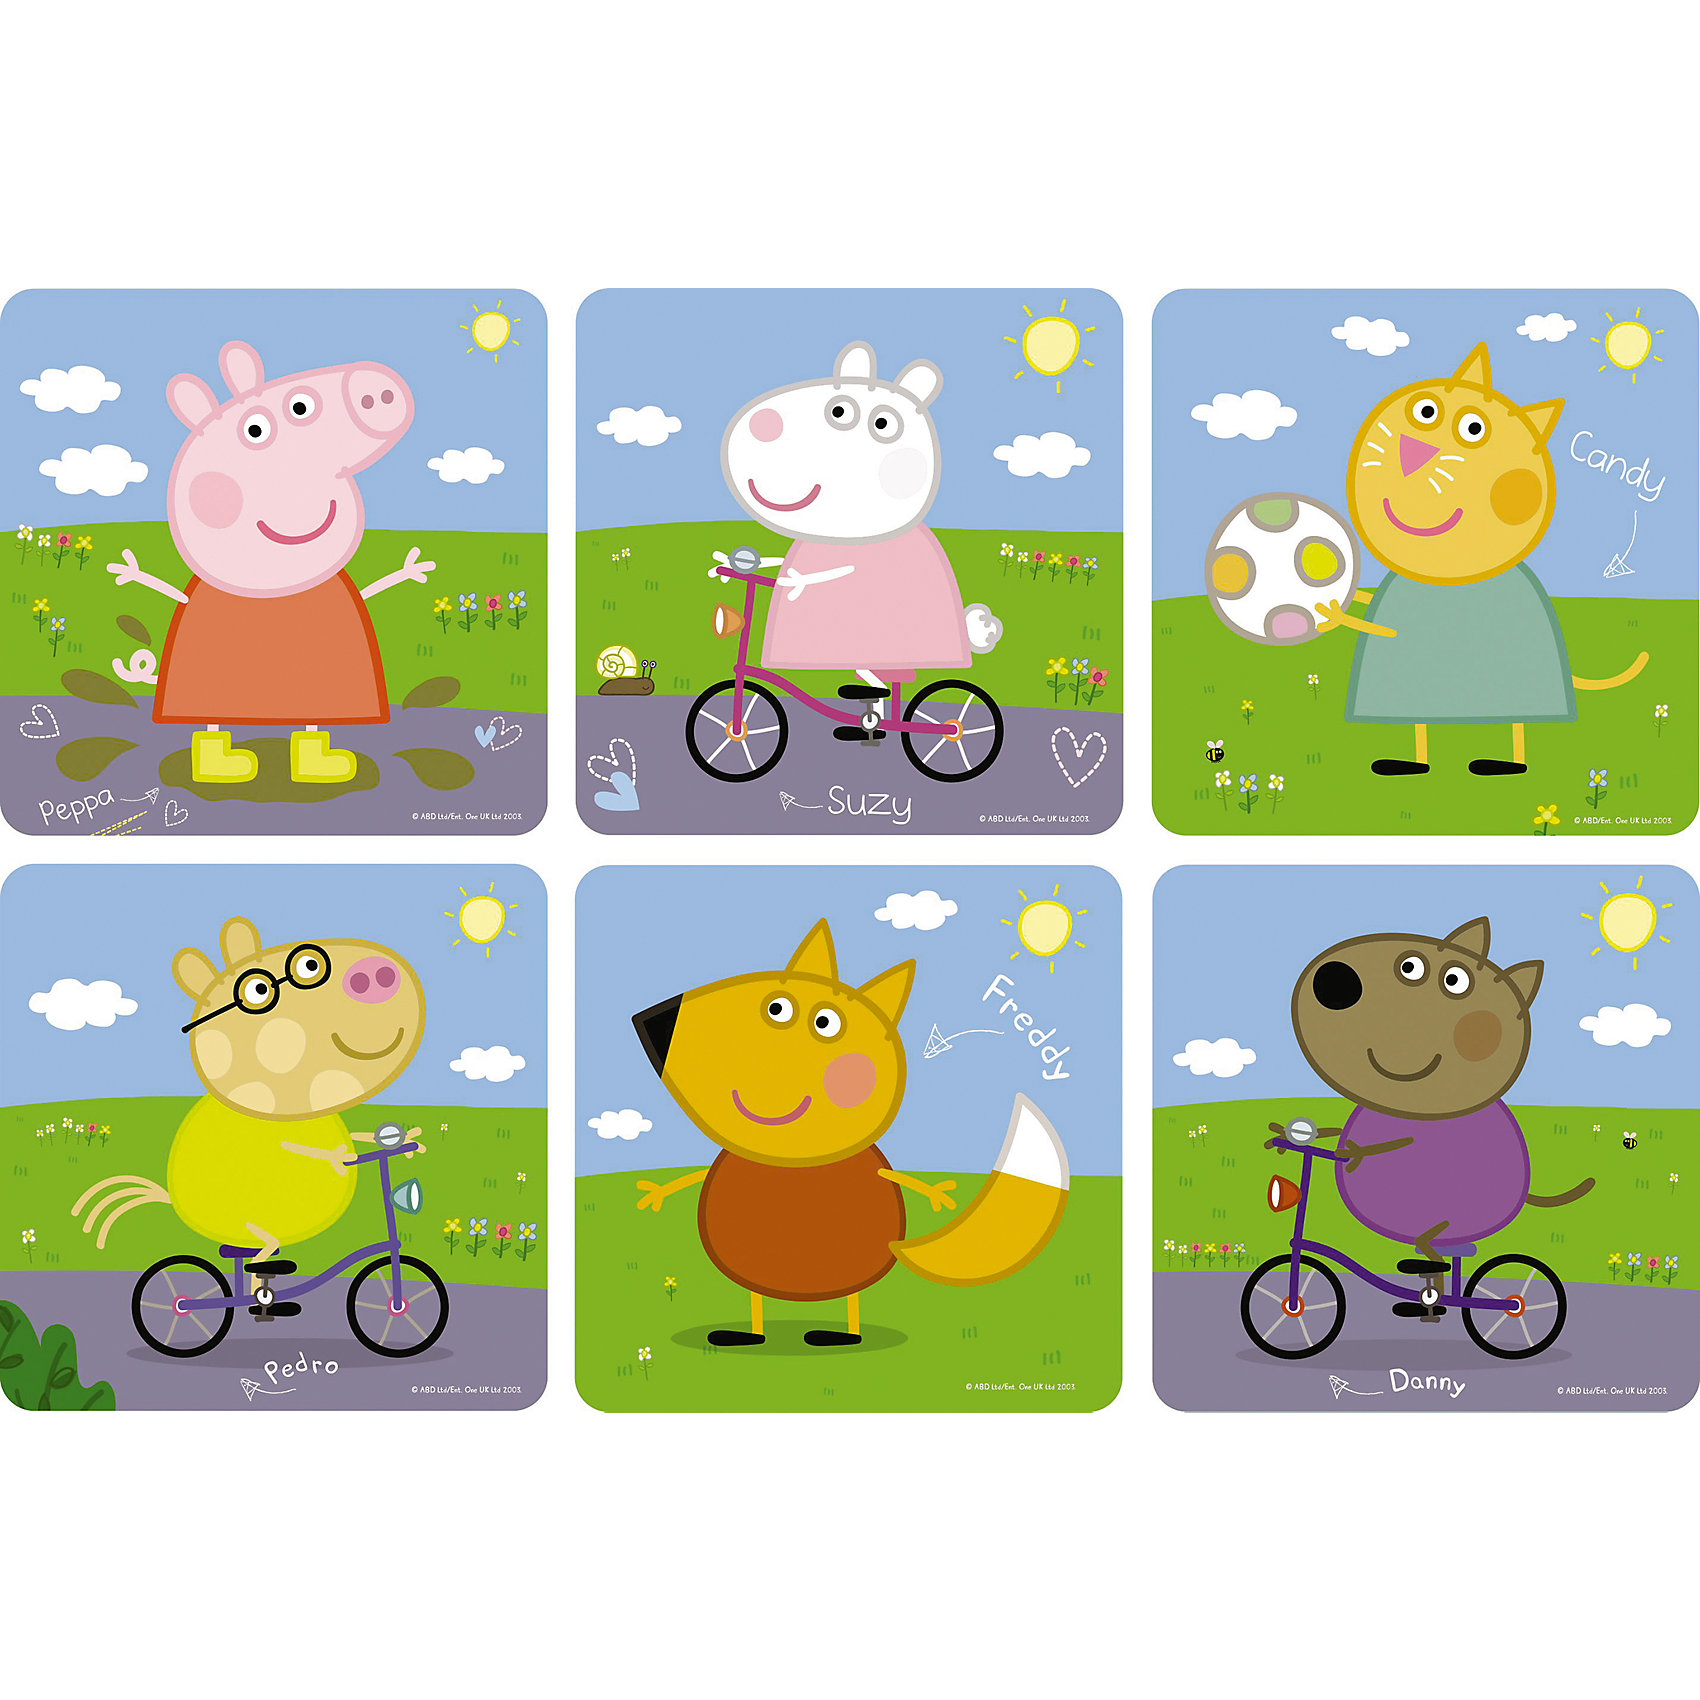 Пазл 6 в 1, Свинка ПеппаПазлы для малышей<br>Пазл 6 в 1, Свинка Пеппа - это шесть увлекательных пазлов, созданные для детей, которые любят с интересом и пользой проводить время.<br>Яркие и красочные пазлы сделаны по мотивам мультсериала о приключениях симпатичной маленькой свинки Пеппы. С помощью входящих в набор деталей ваш ребенок сможет шесть красочных картинок с изображением свинки Пеппы и ее друзей. Детали прекрасно соединяются между собой, не расслаиваются и не ломаются при сборке. Эта головоломка позволит ребенку развить мелкую моторику рук, терпение, усидчивость, зрительную память и научит мыслить логически.<br><br>Дополнительная информация:<br><br>- Материал: картон<br>- Размер коробки: 18x5x18 мм.<br>- Вес: 178 гр.<br><br>Пазл 6 в 1, Свинка Пеппа можно купить в нашем интернет-магазине.<br><br>Ширина мм: 180<br>Глубина мм: 50<br>Высота мм: 180<br>Вес г: 178<br>Возраст от месяцев: 36<br>Возраст до месяцев: 96<br>Пол: Унисекс<br>Возраст: Детский<br>SKU: 4335006